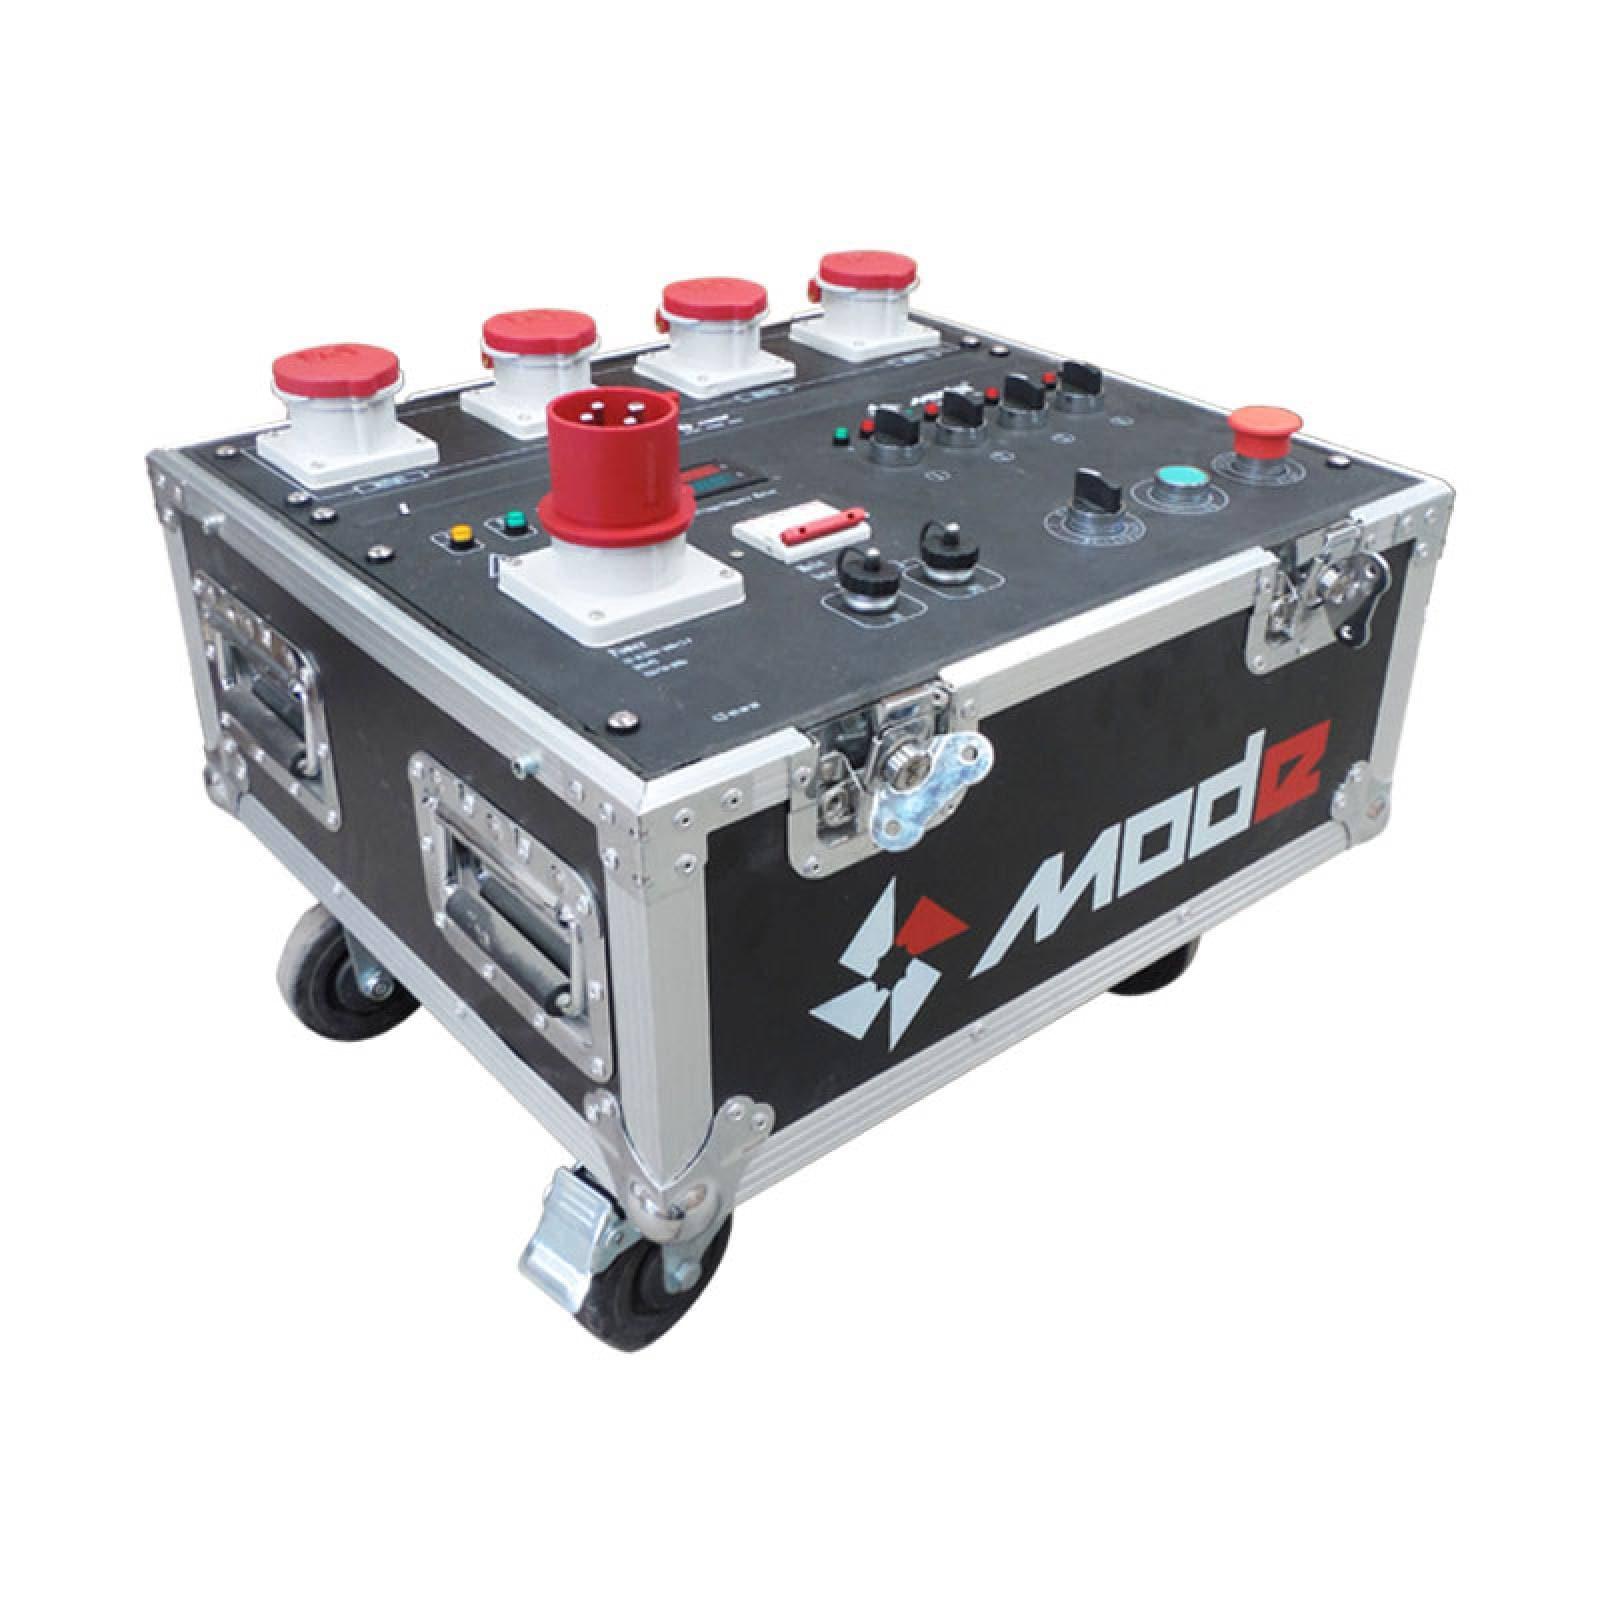 Consola Controladora de 4 Canales con Cable Para Polipasto de Espectaculos Mode Hoist